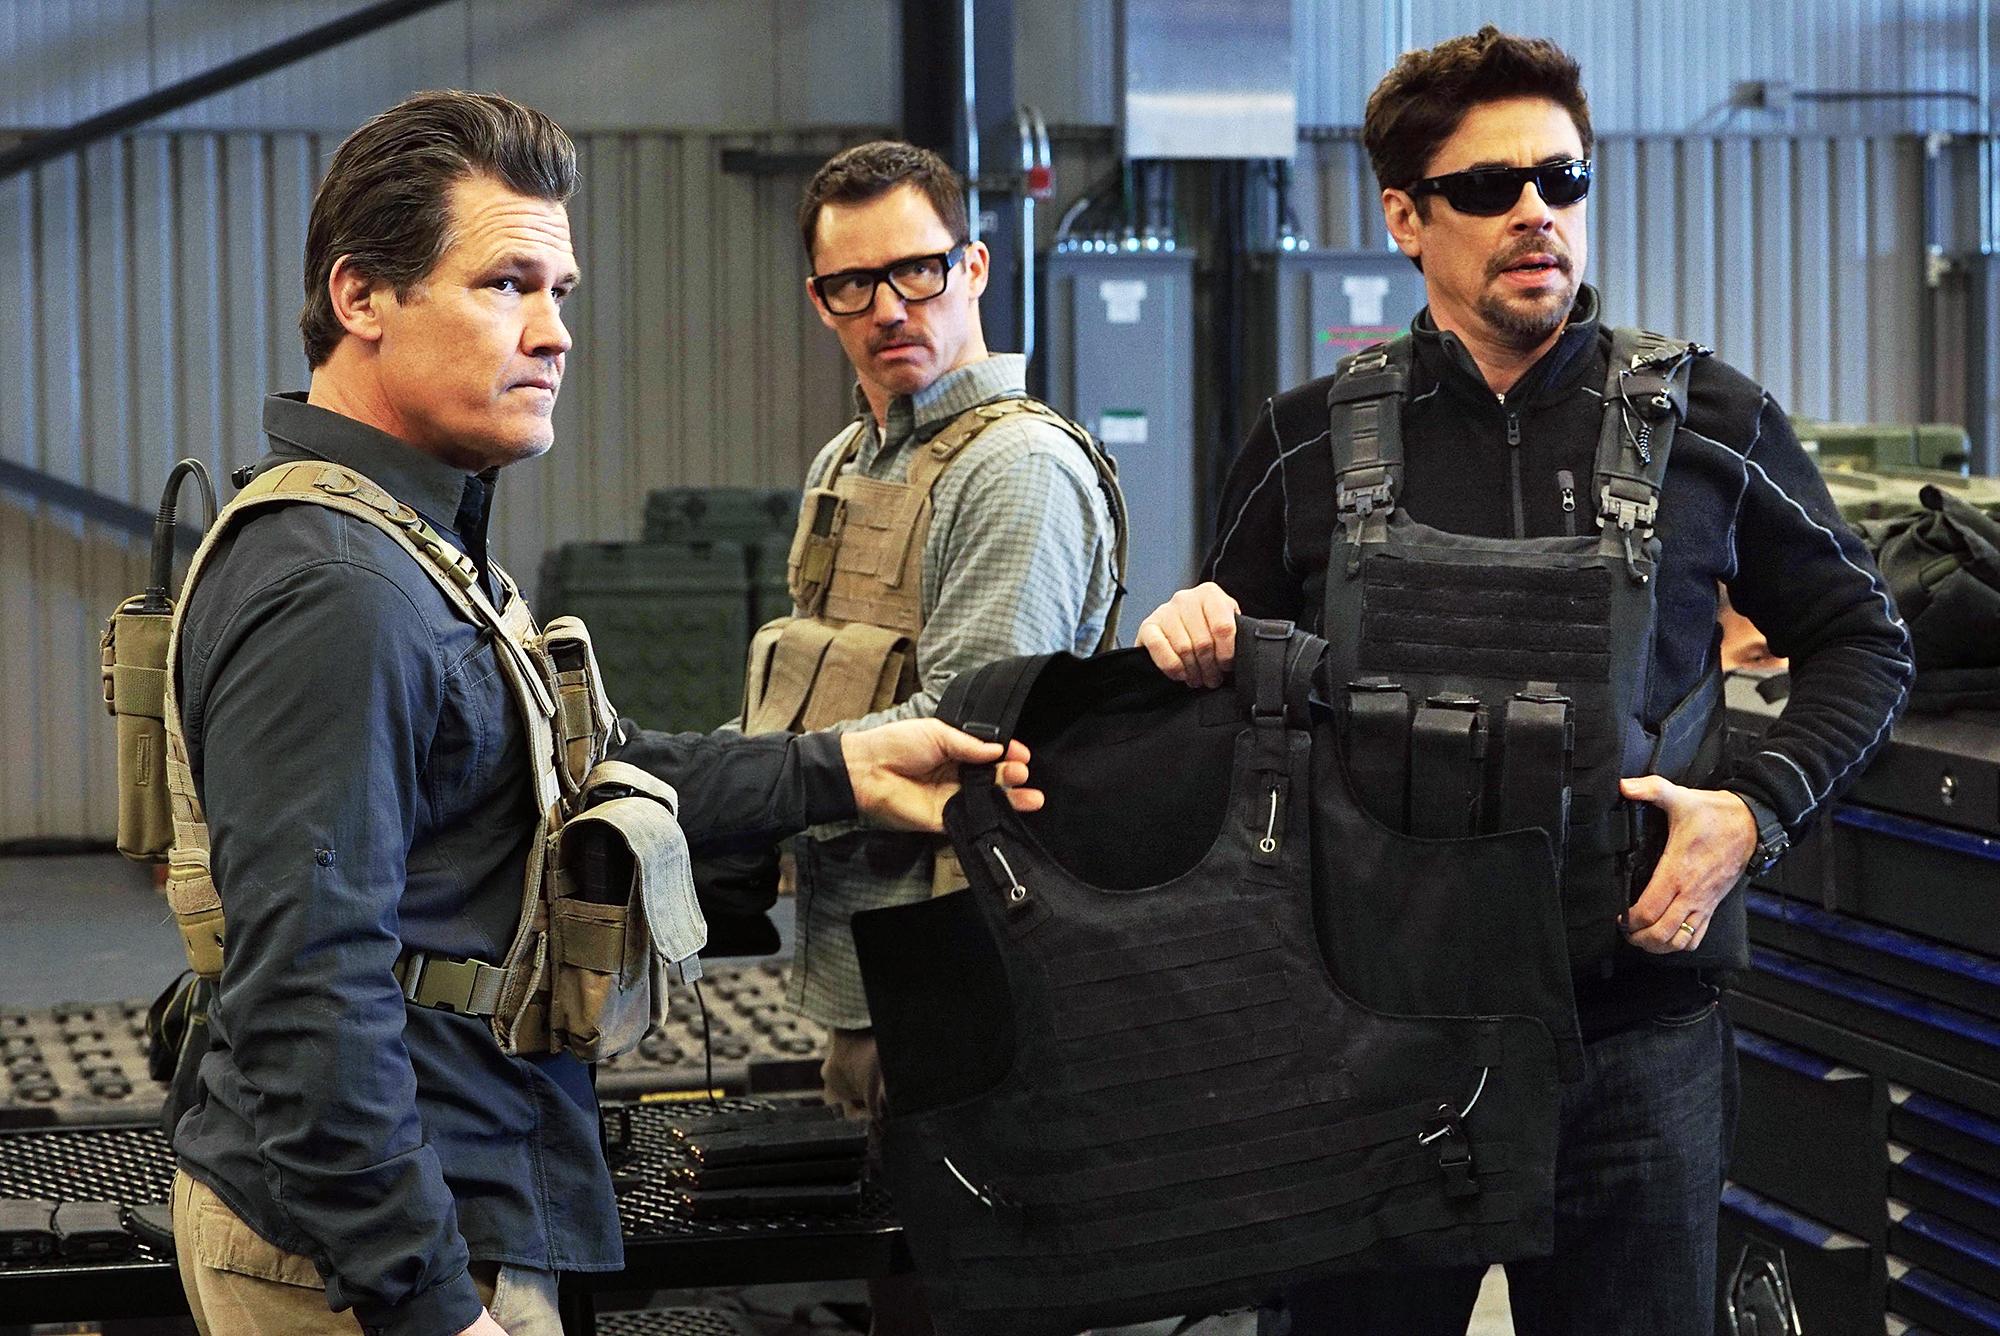 Josh Brolin Jeffrey Donovan Benicio Del Toro Sicario Day of the Solda - Josh Brolin, Jeffrey Donovan and Benicio Del Toro in 'Sicario: Day of the Soldad.